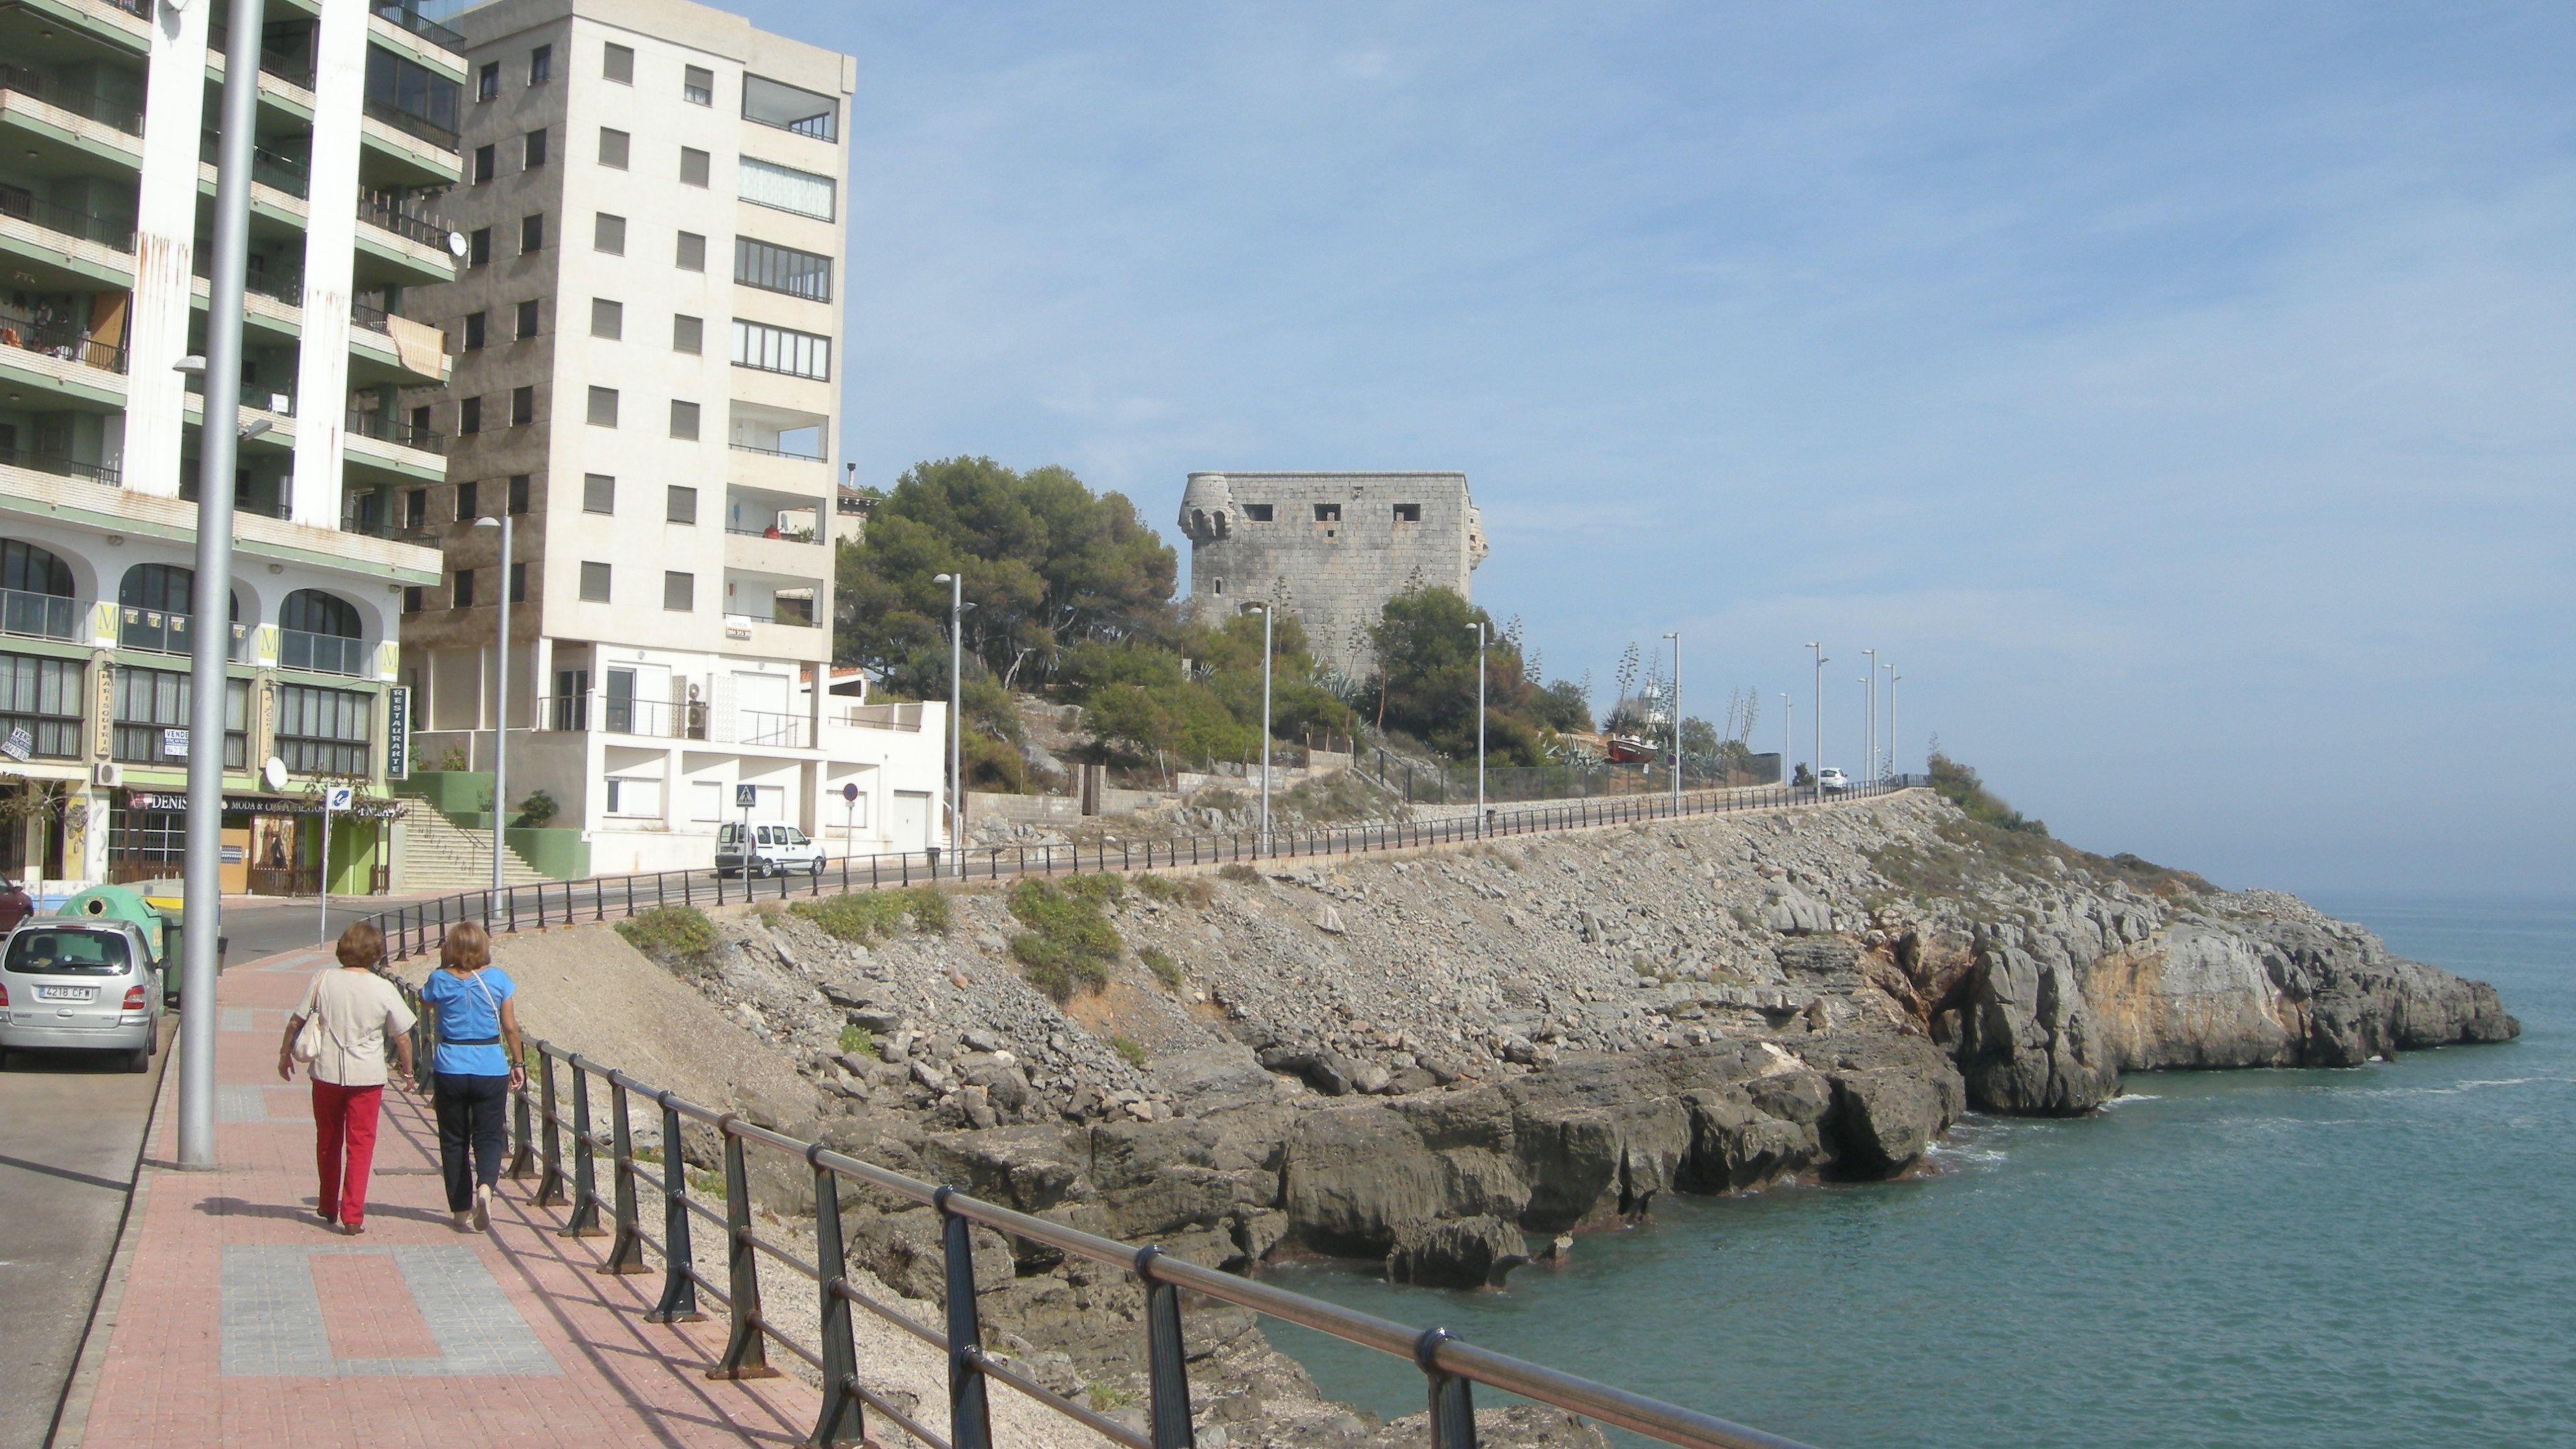 Calzada Bordeando La Mar Castillo Y Acantilados Oropesa Del Mar Castellon